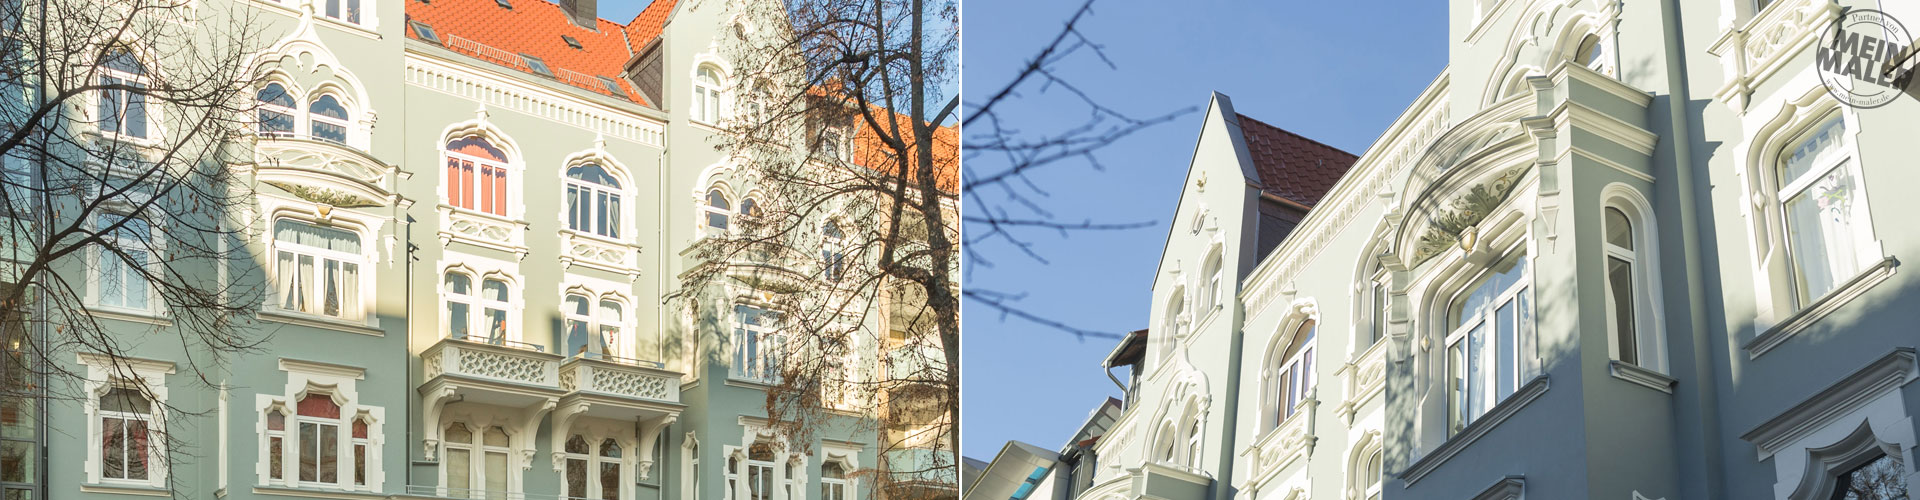 Fassadenrenovierung Stilfassade